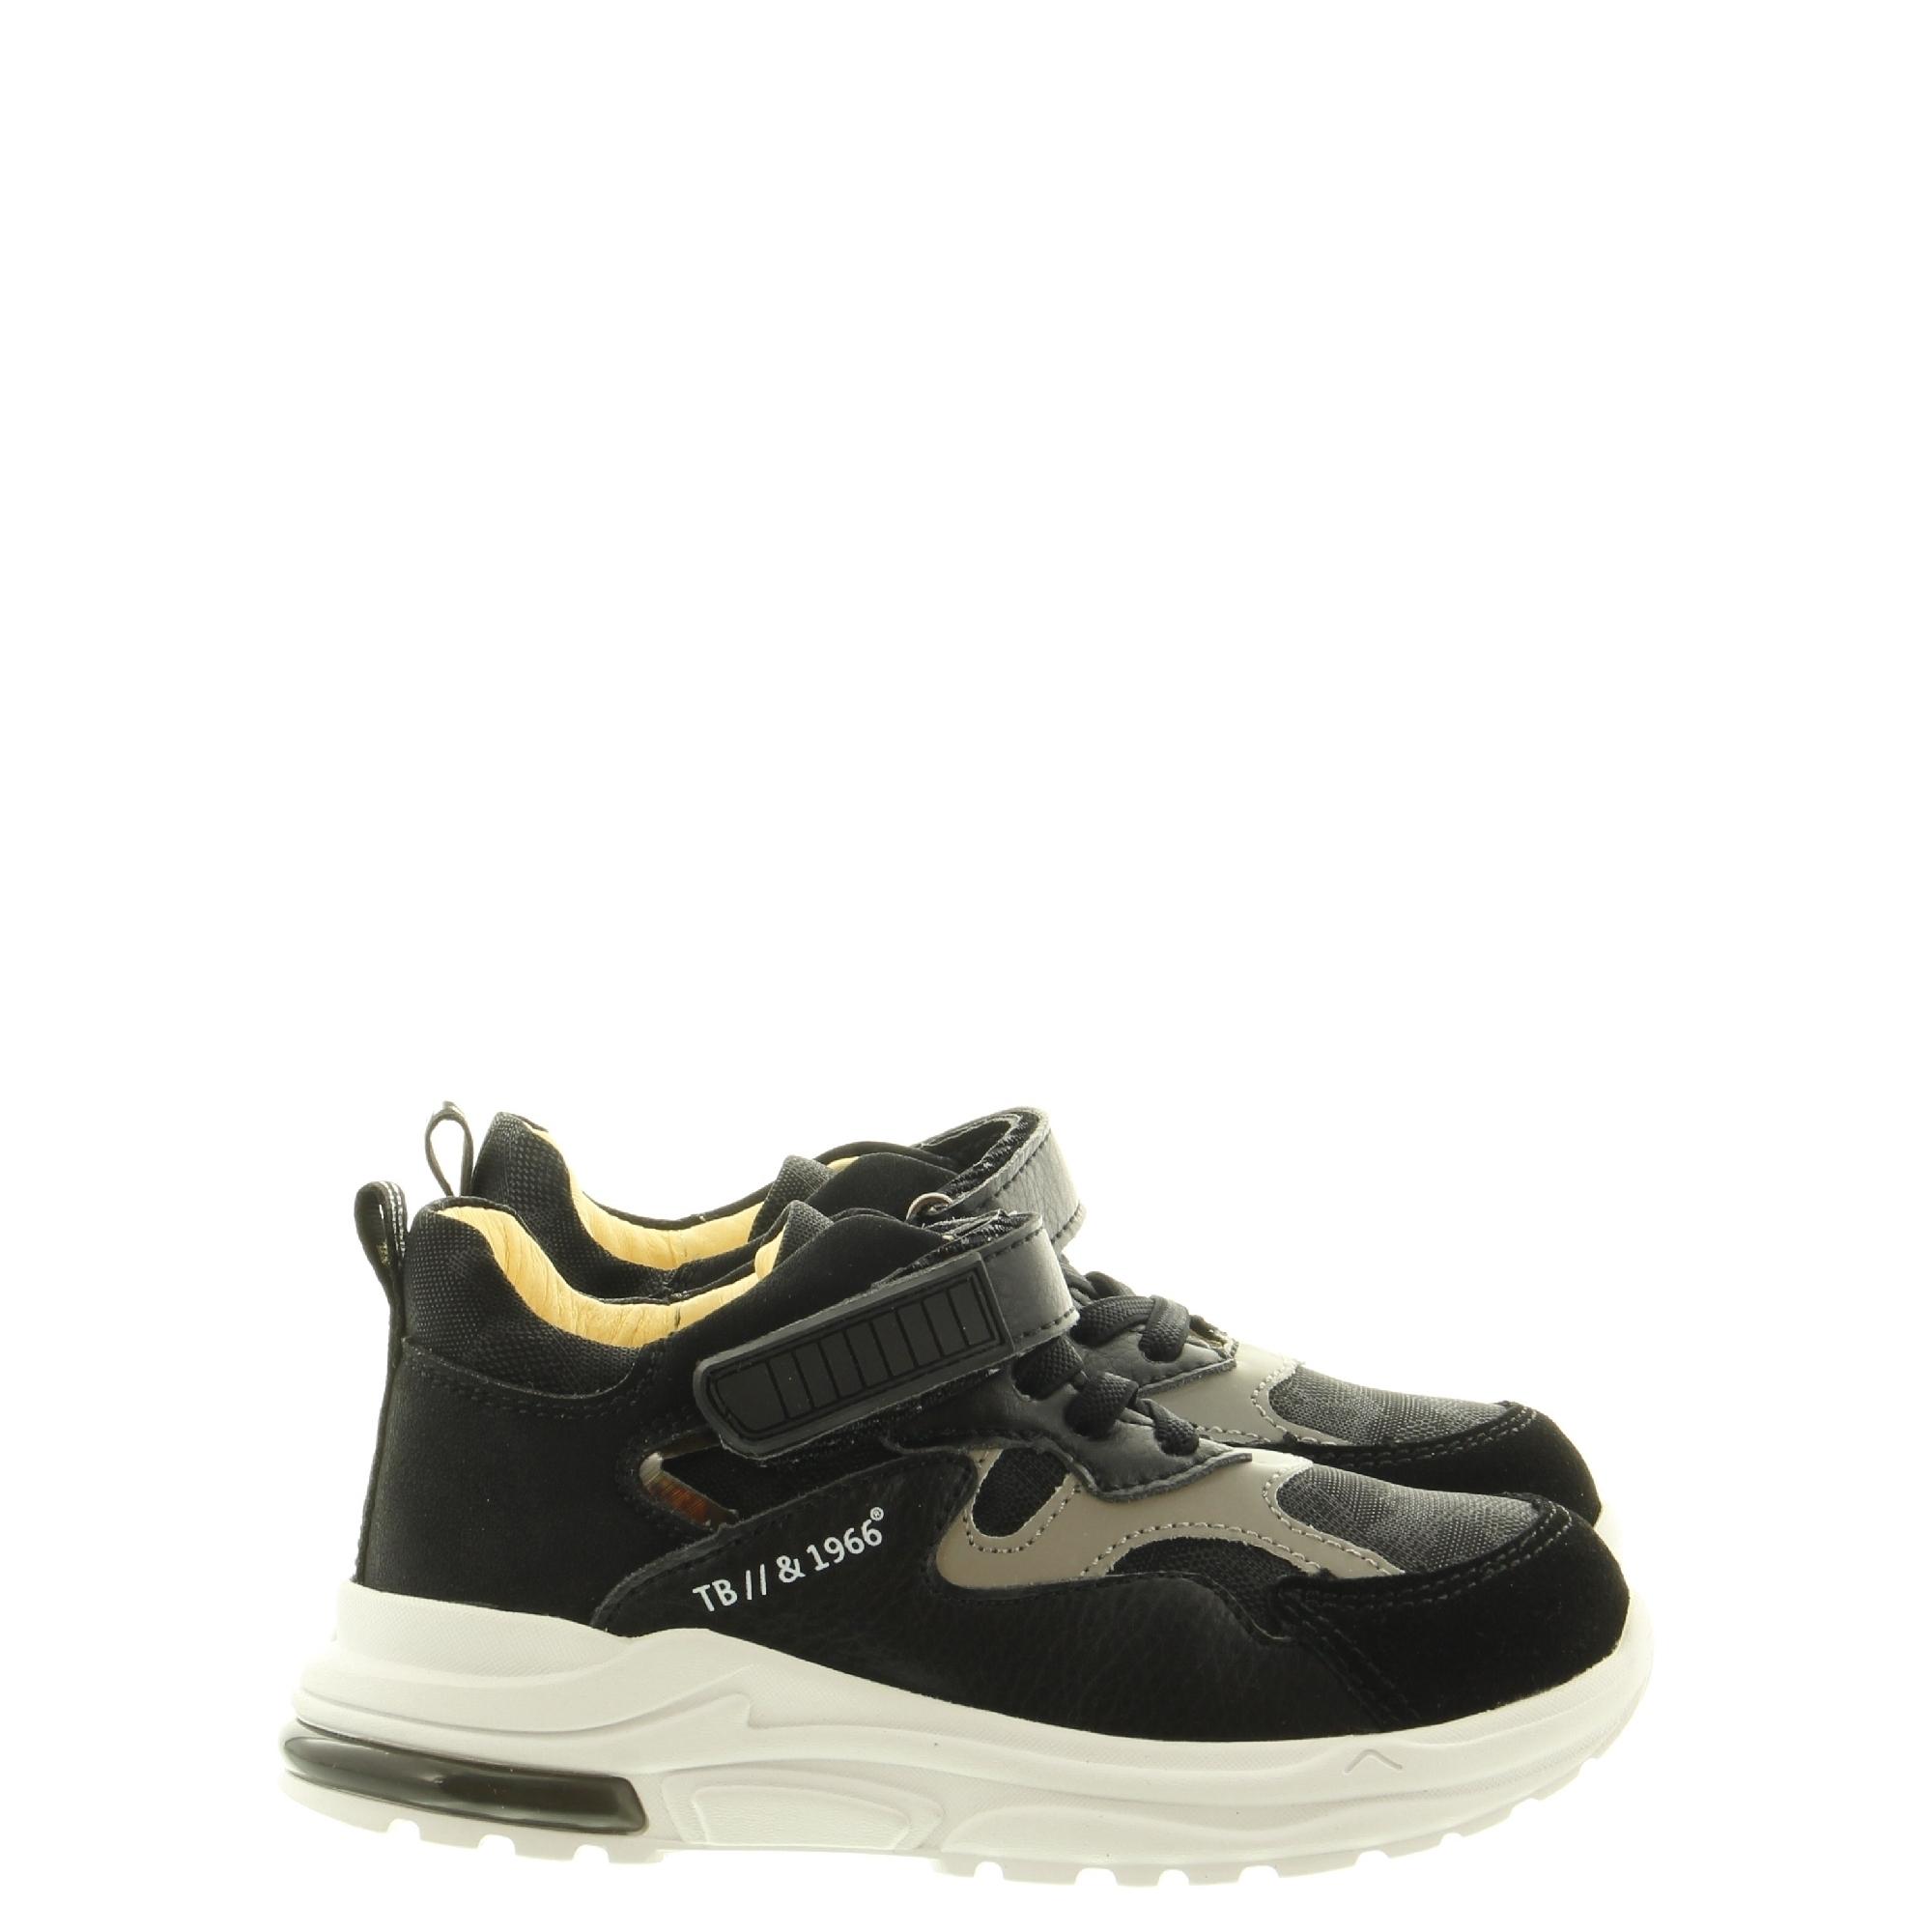 ShoesMe NR20W002-C Trainer Black